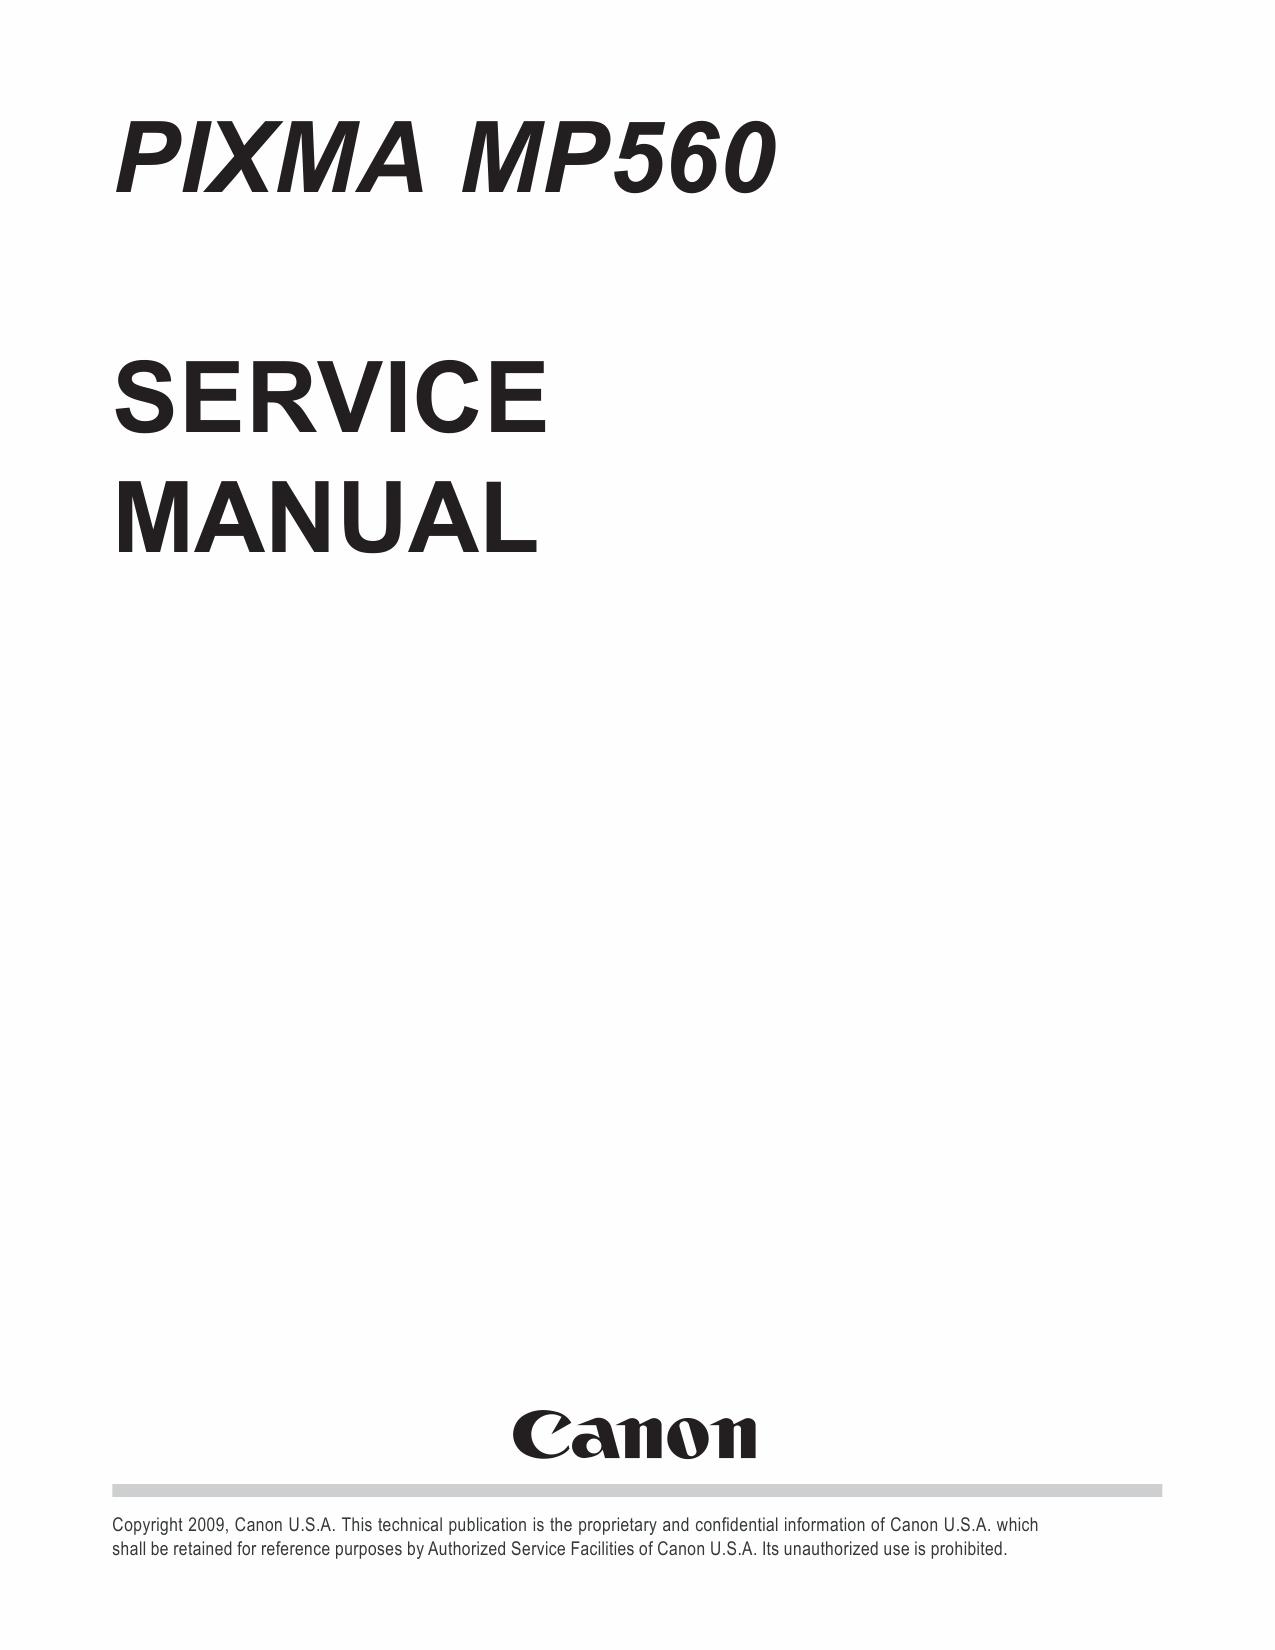 Canon PIXMA MP560 Service Manual